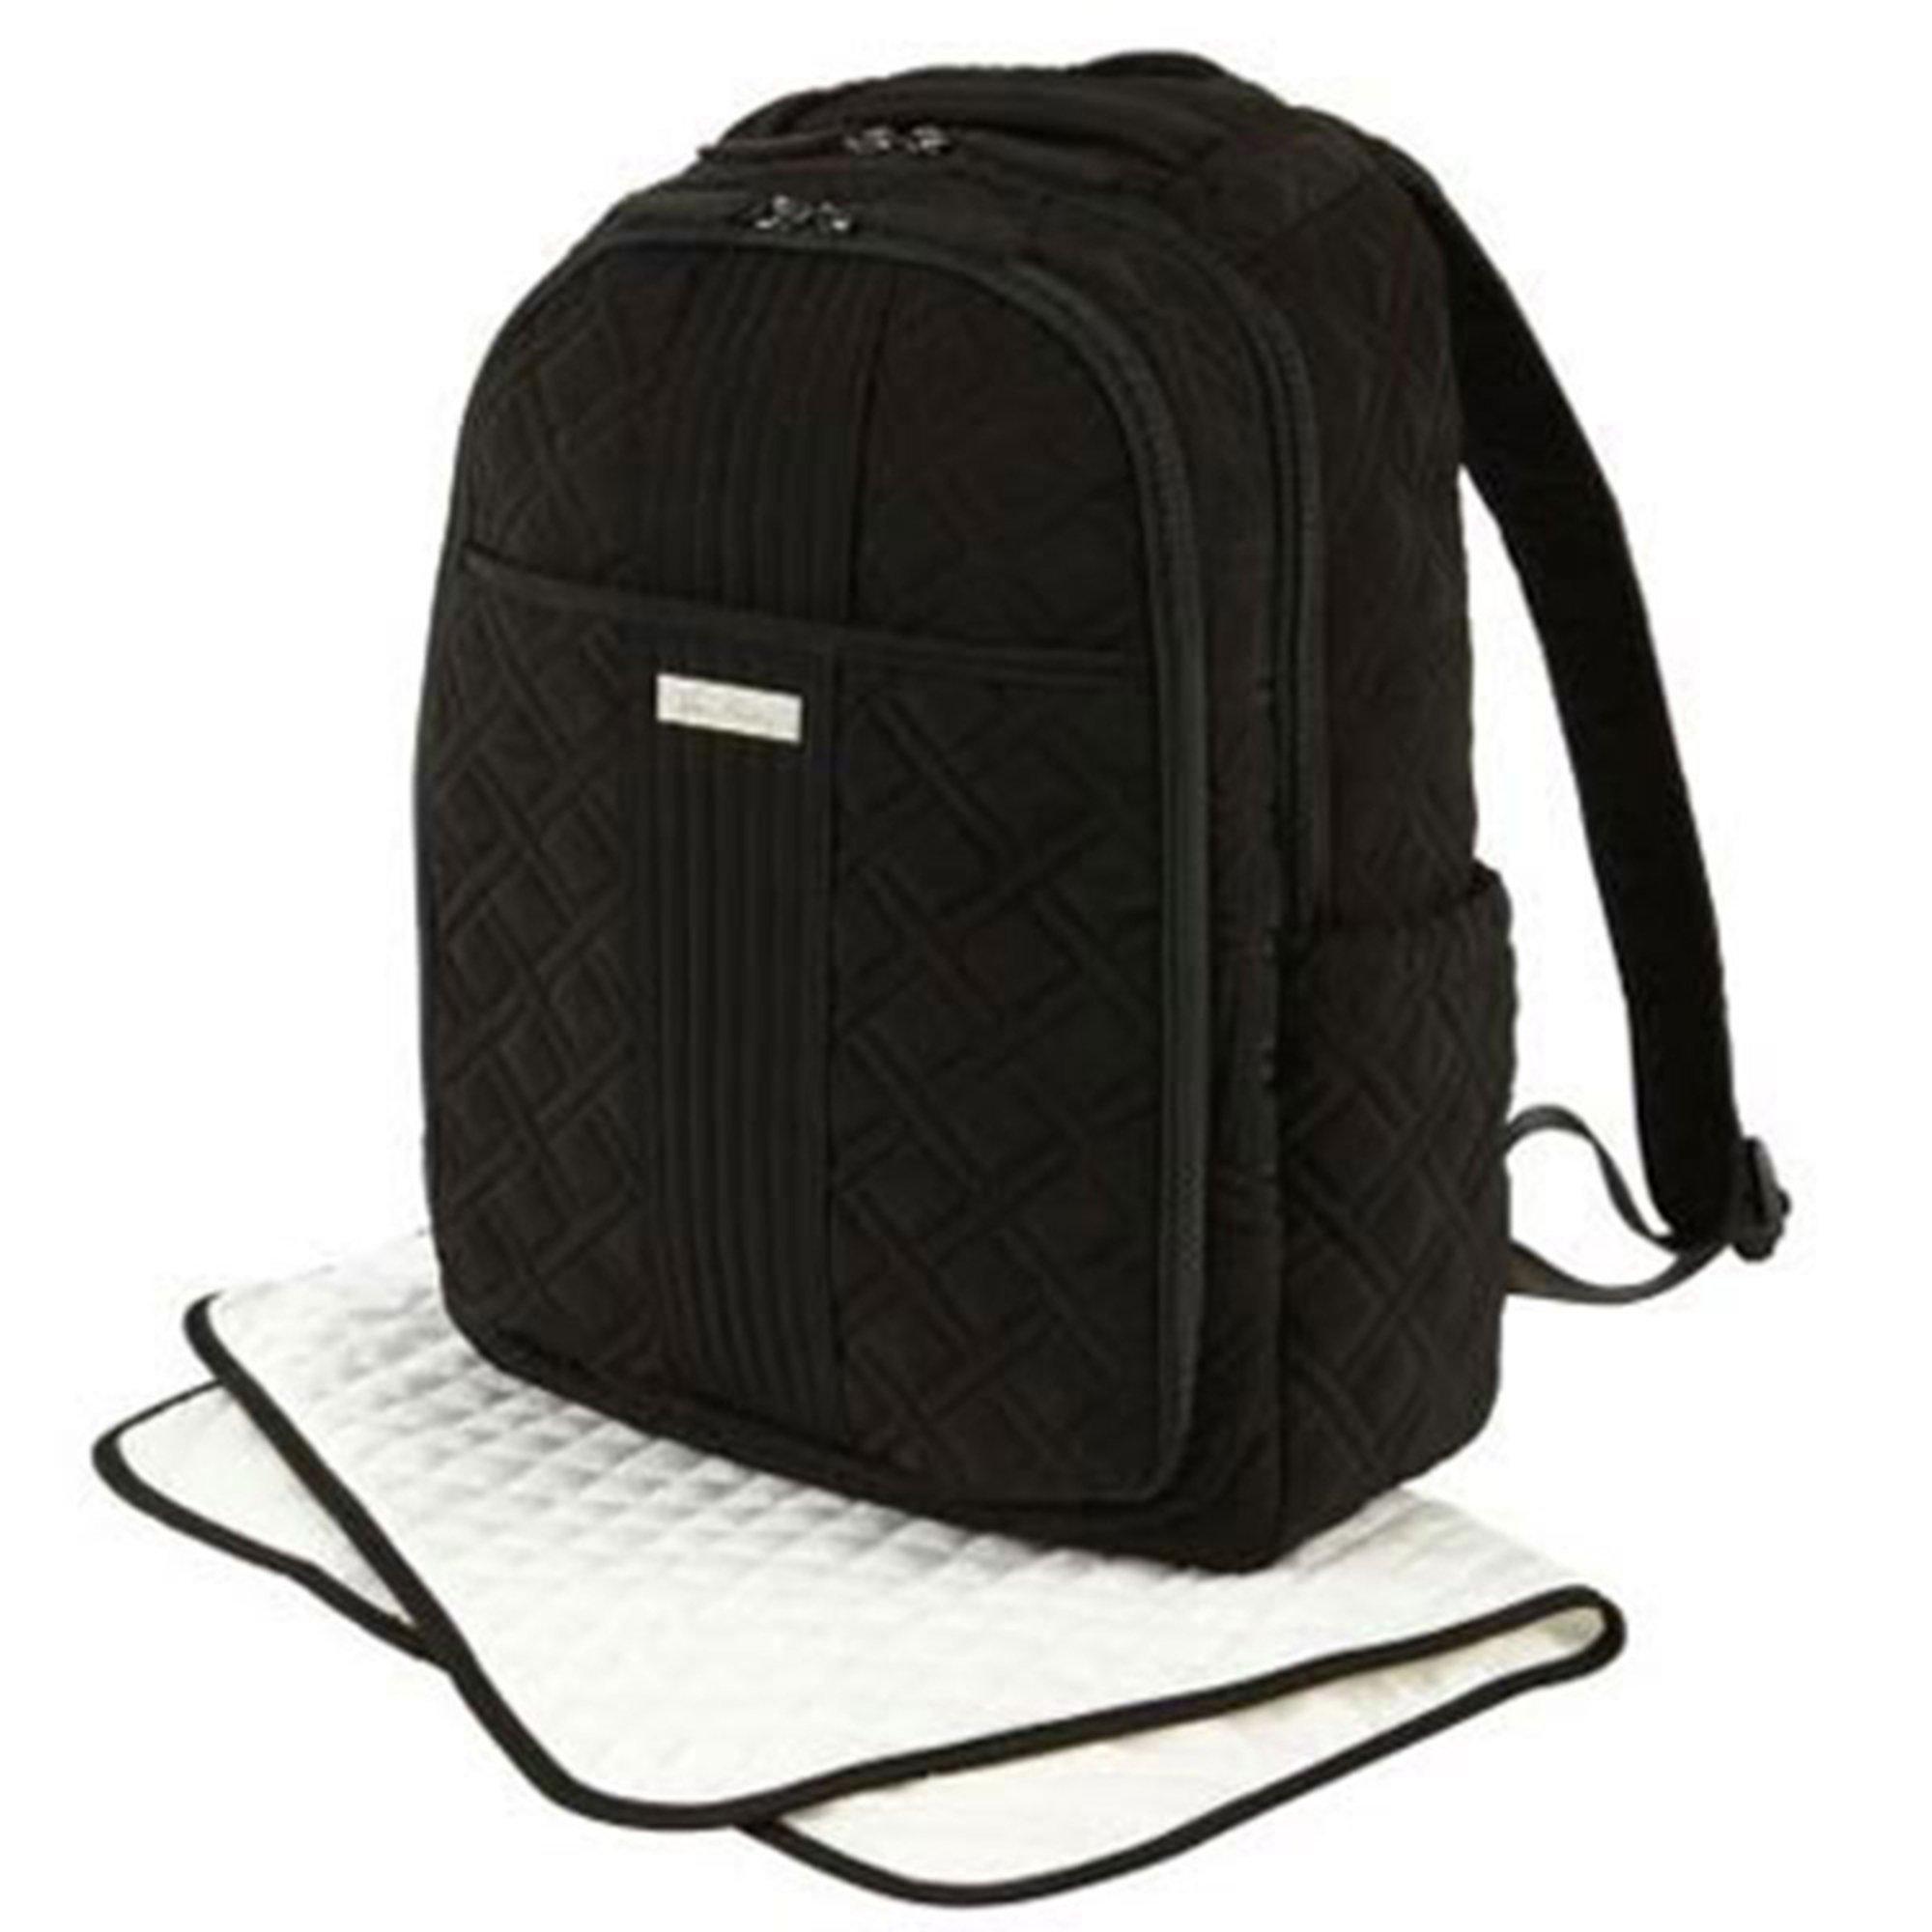 vera bradley backpack baby bag black backpacks kids shop your navy exch. Black Bedroom Furniture Sets. Home Design Ideas